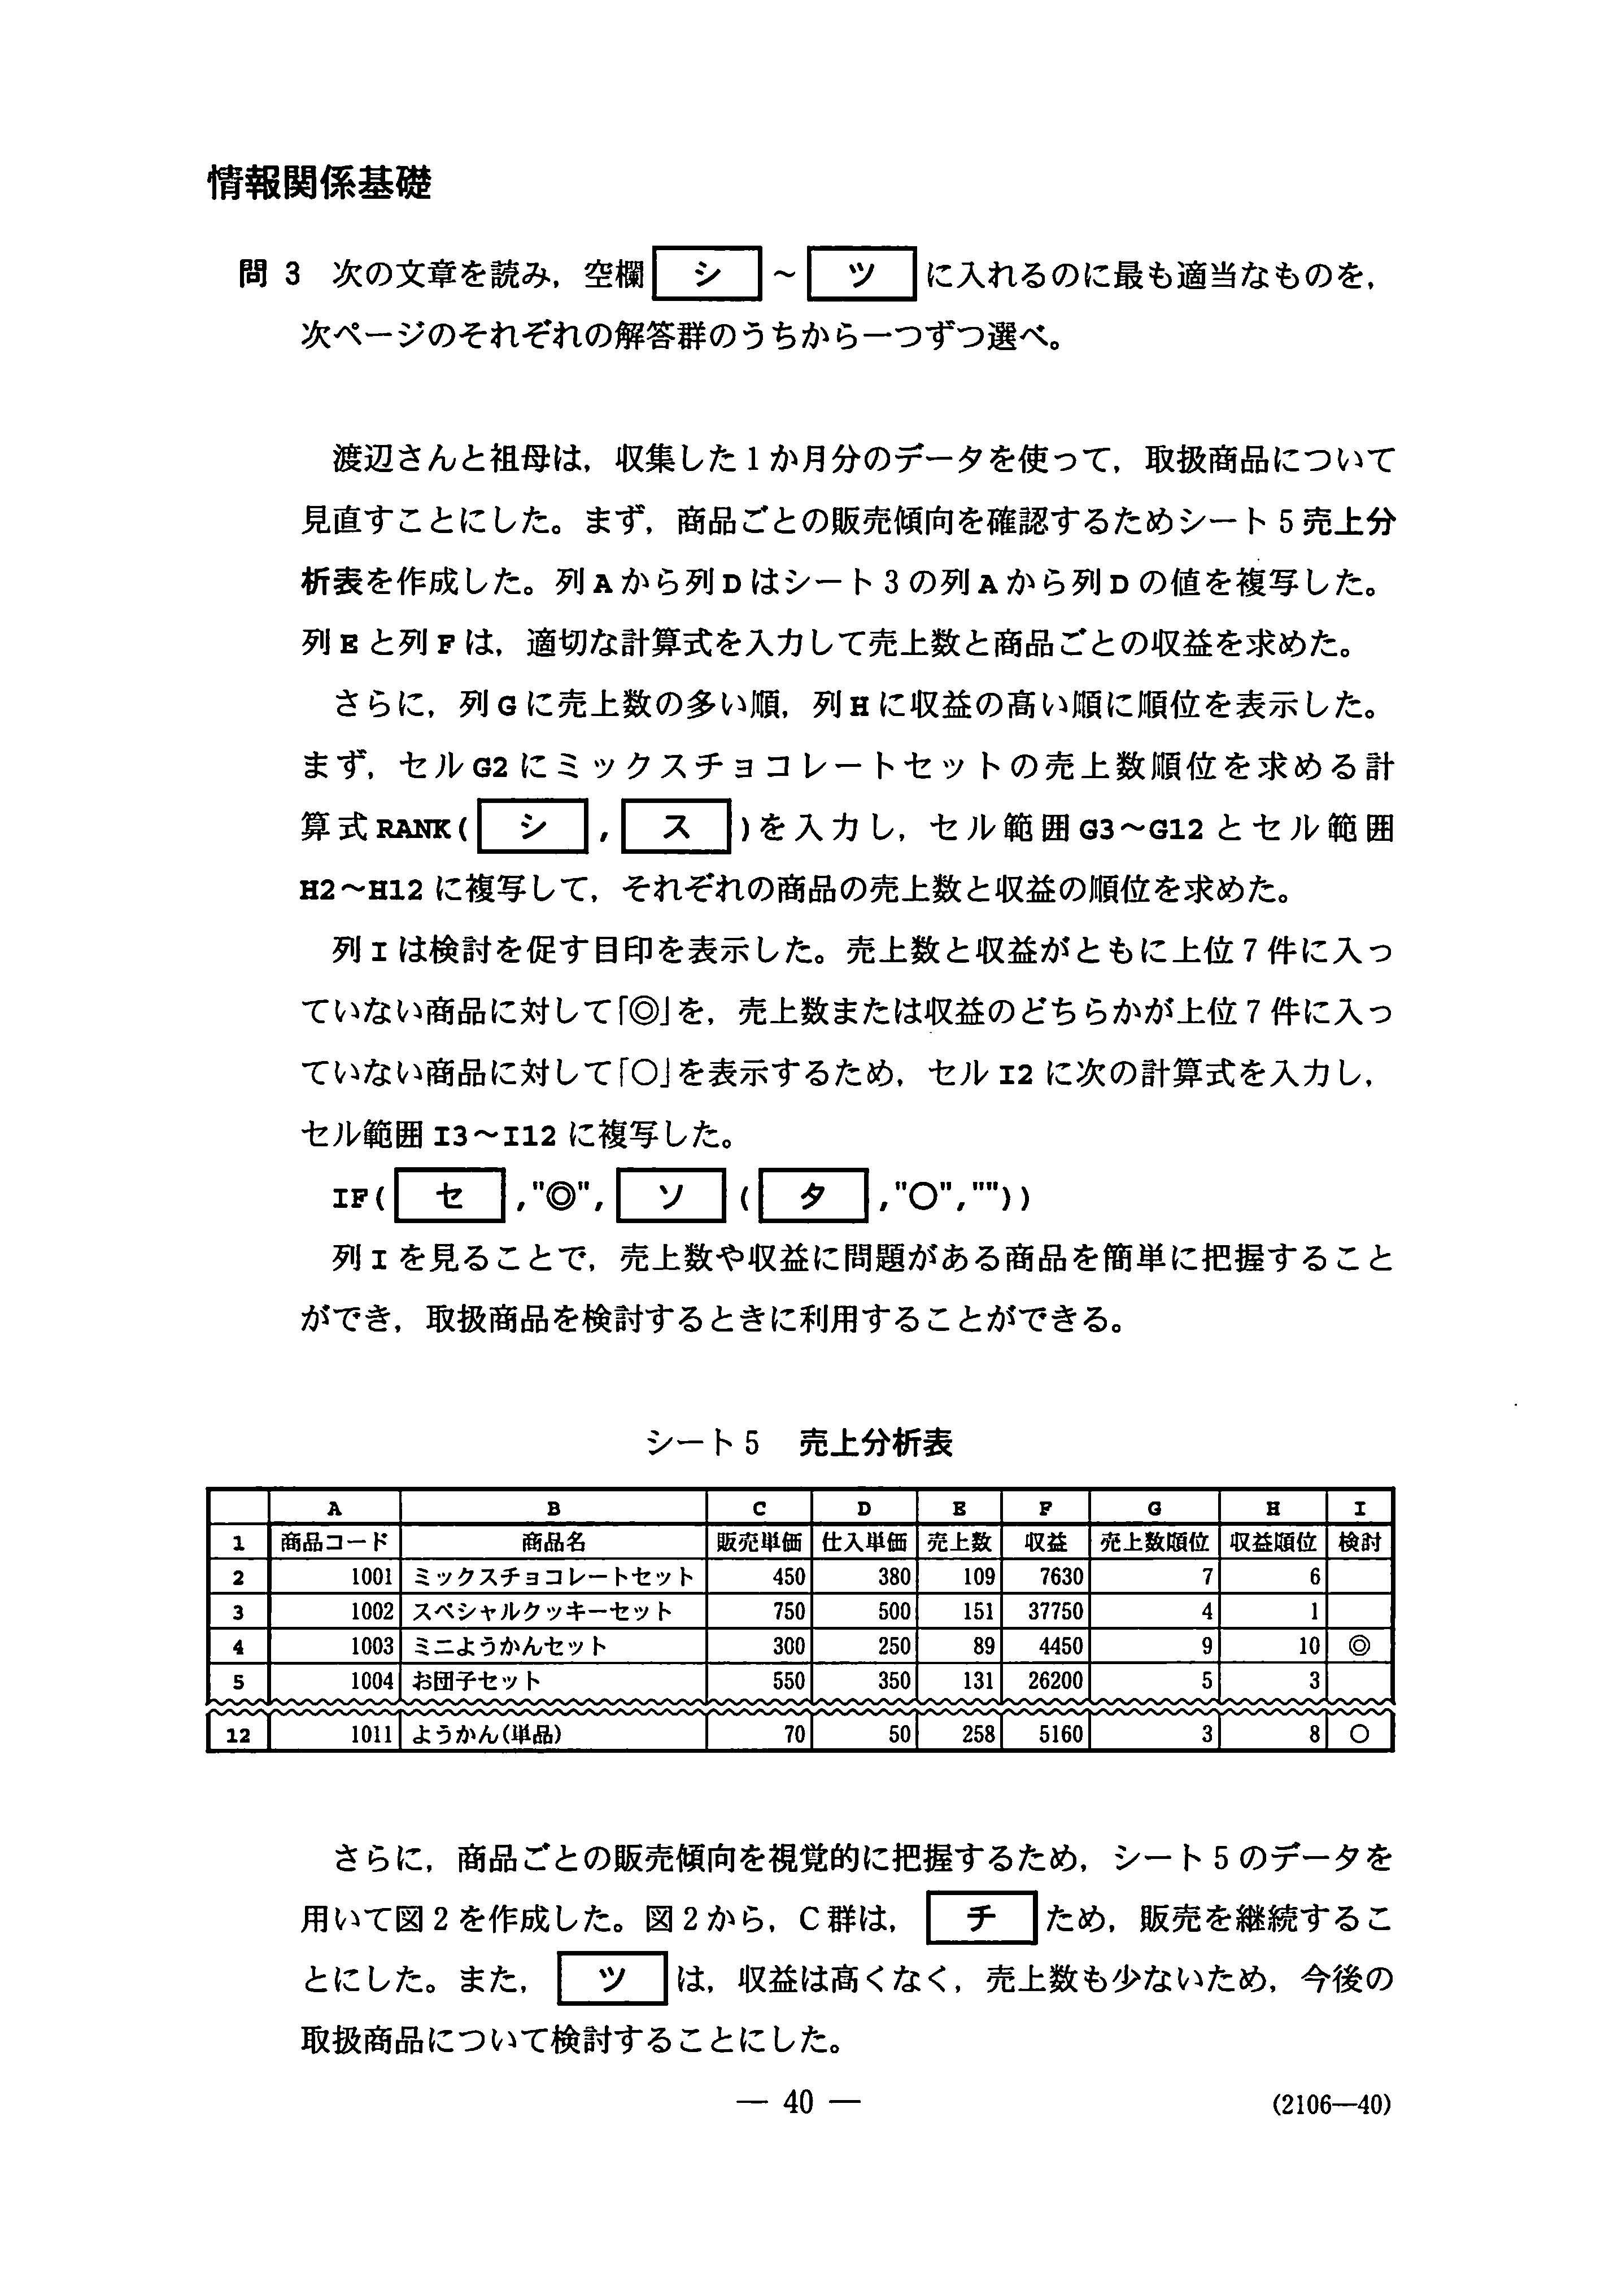 情報関係基礎 数学 2020年 令和2年 センター試験過去問題